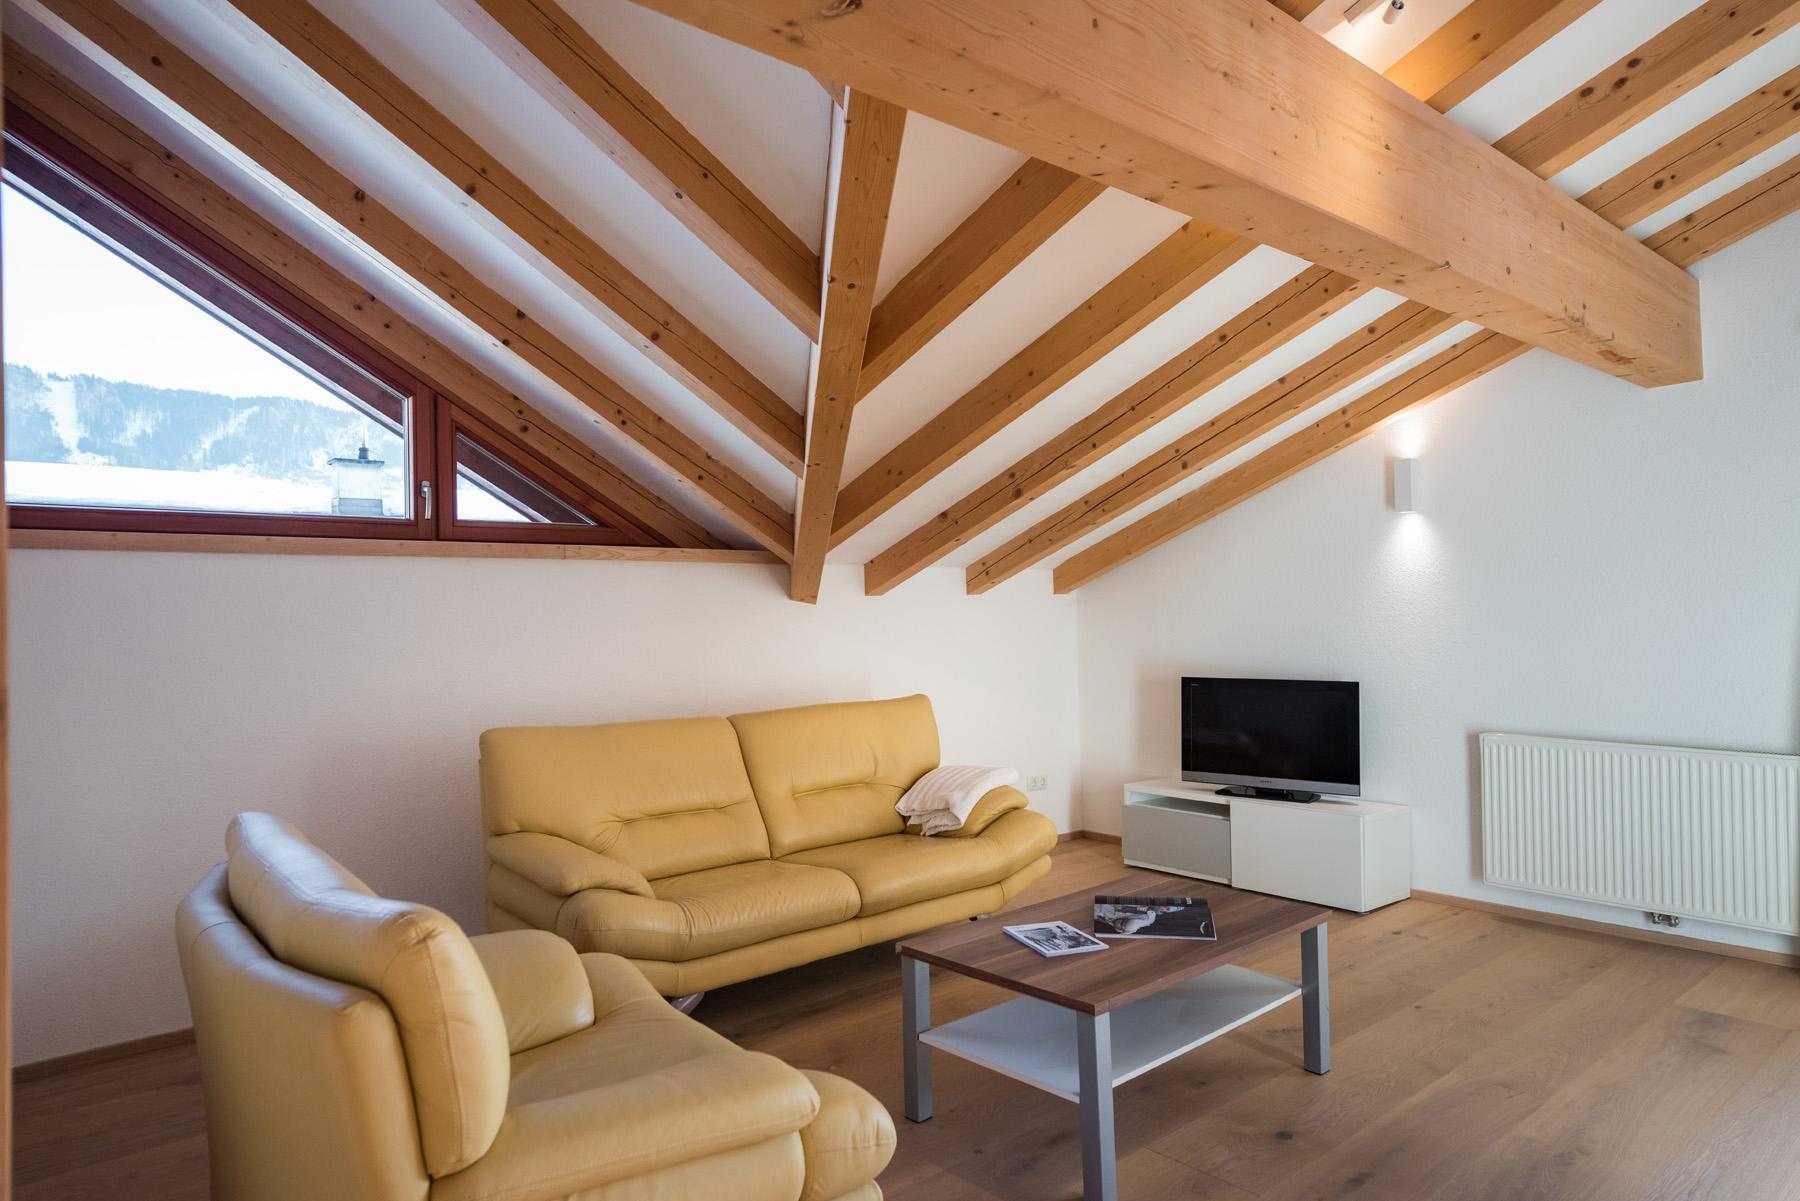 Ferienwohnung Alpinloft Tirol Appartement/Fewo, Dusche und Bad, WC, 1 Schlafraum (2612031), Bad Häring, Kufstein, Tirol, Österreich, Bild 16